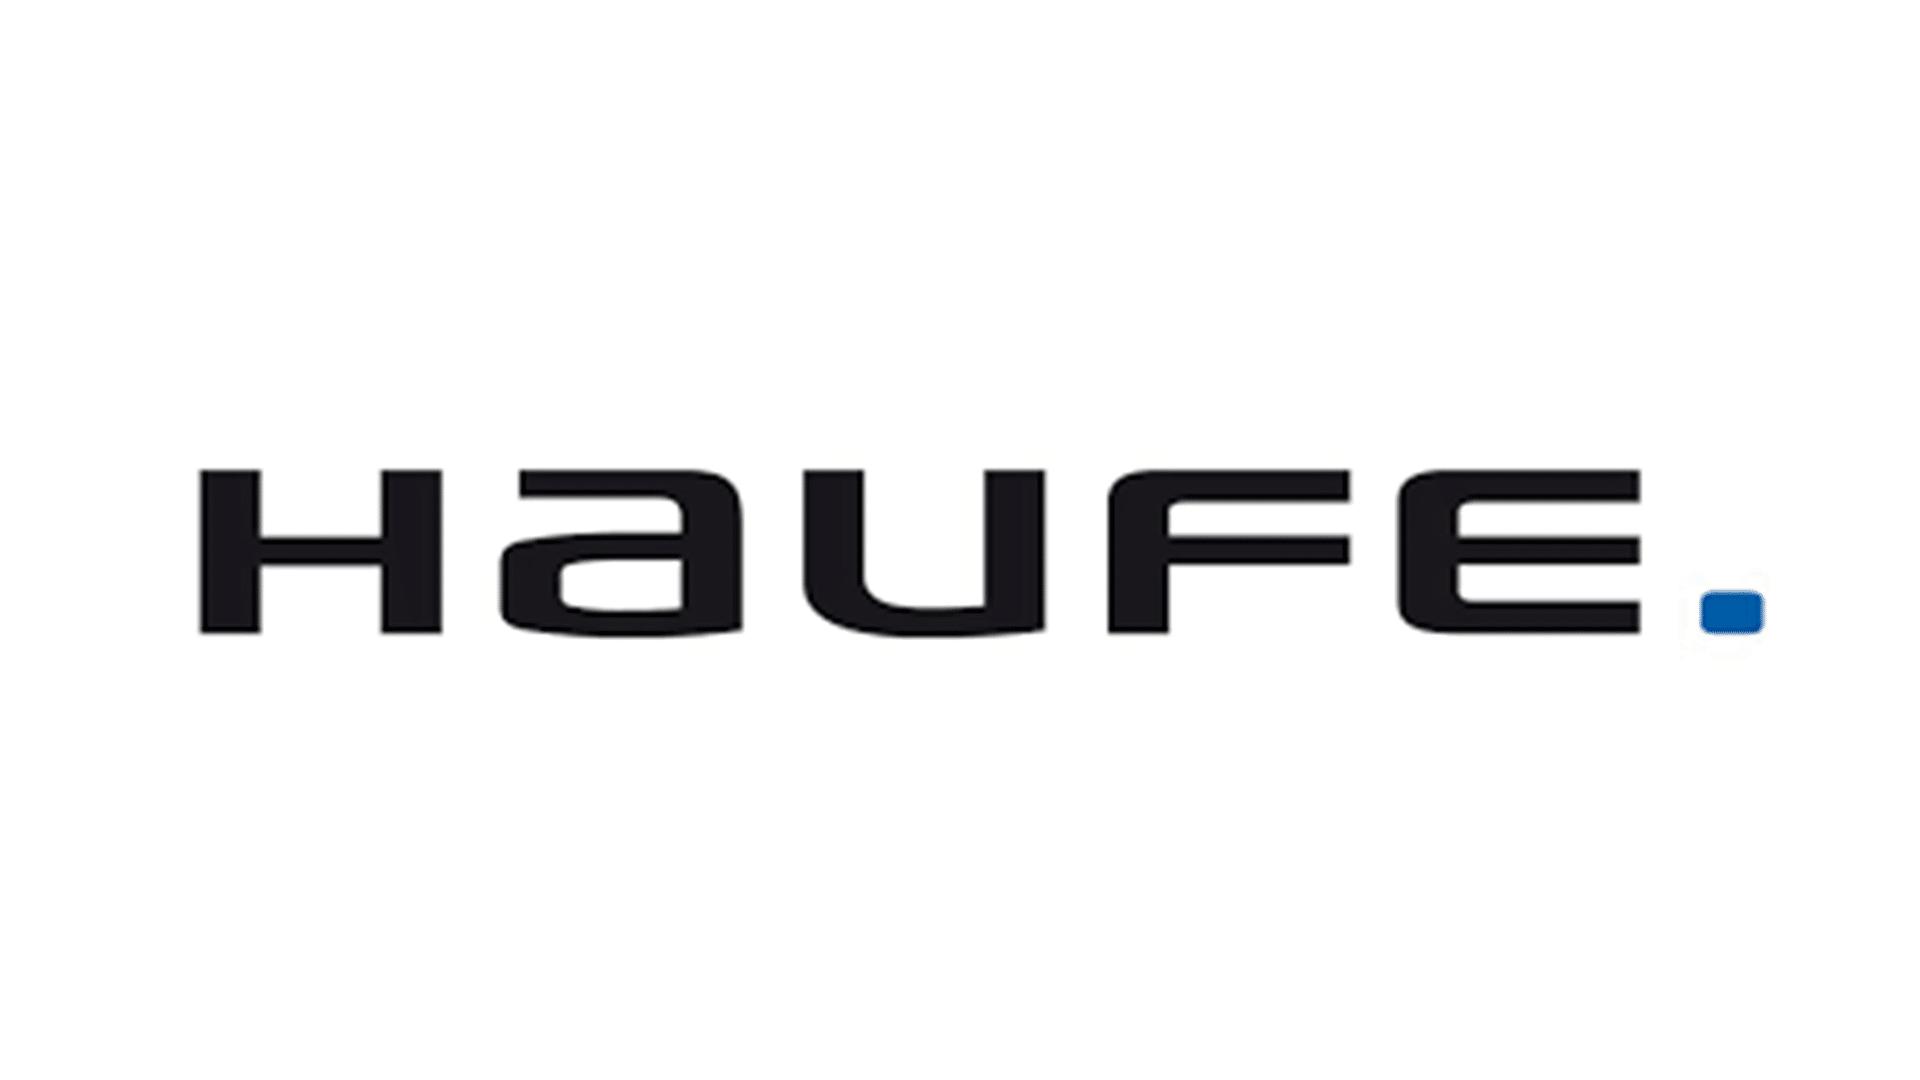 Das Logo der Haufe Group.